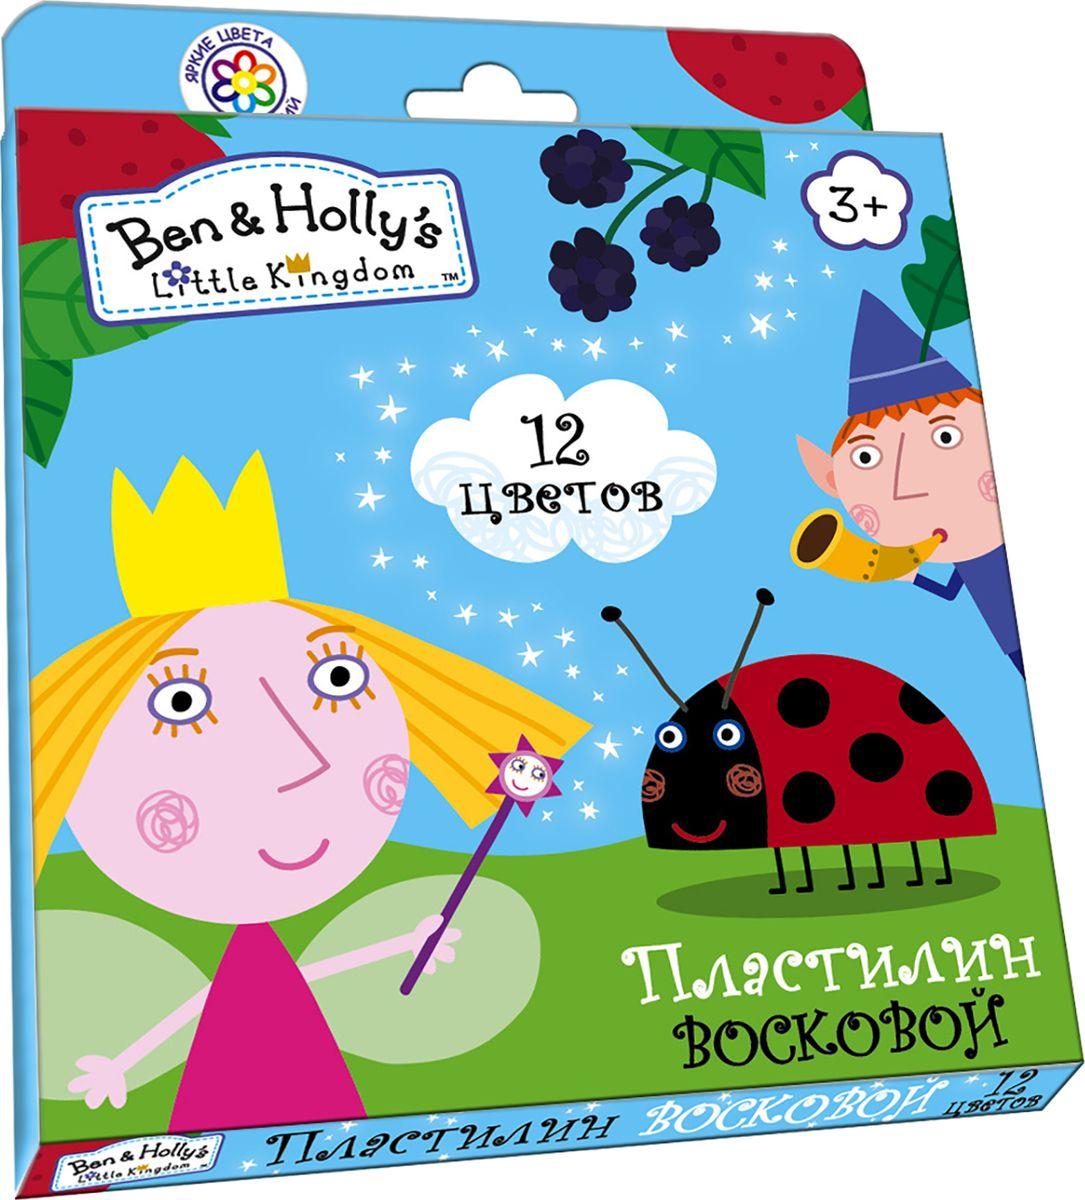 Ben&Holly Пластилин восковой Бен и Холли 12 цветов72523WDЯркий восковый пластилин Бен и Холли поможет вашему малышу создавать не только прекрасные поделки, но и рисунки. Изготовленный на основе природного воска и натуральных наполнителей, он обладает особой мягкостью и пластичностью: легко разминается и моделируется детскими пальчиками, не пачкается, не прилипает к рукам и рабочей поверхности, не крошится, не высыхает, хорошо держит форму, его цвета легко смешиваются друг с другом. Создавайте новые цвета и оттенки, лепите, рисуйте и экспериментируйте, развивая при этом у ребенка мелкую моторику, тактильное восприятие формы, веса и фактуры, воображение и пространственное мышление. А любимые герои будут вдохновлять юного мастера на новые творческие идеи. В наборе Бен и Холли 12 ярких цветов воскового пластилина по 15 г и пластиковая стека. Состав: парафин, петролатум, мел, каолин, красители.